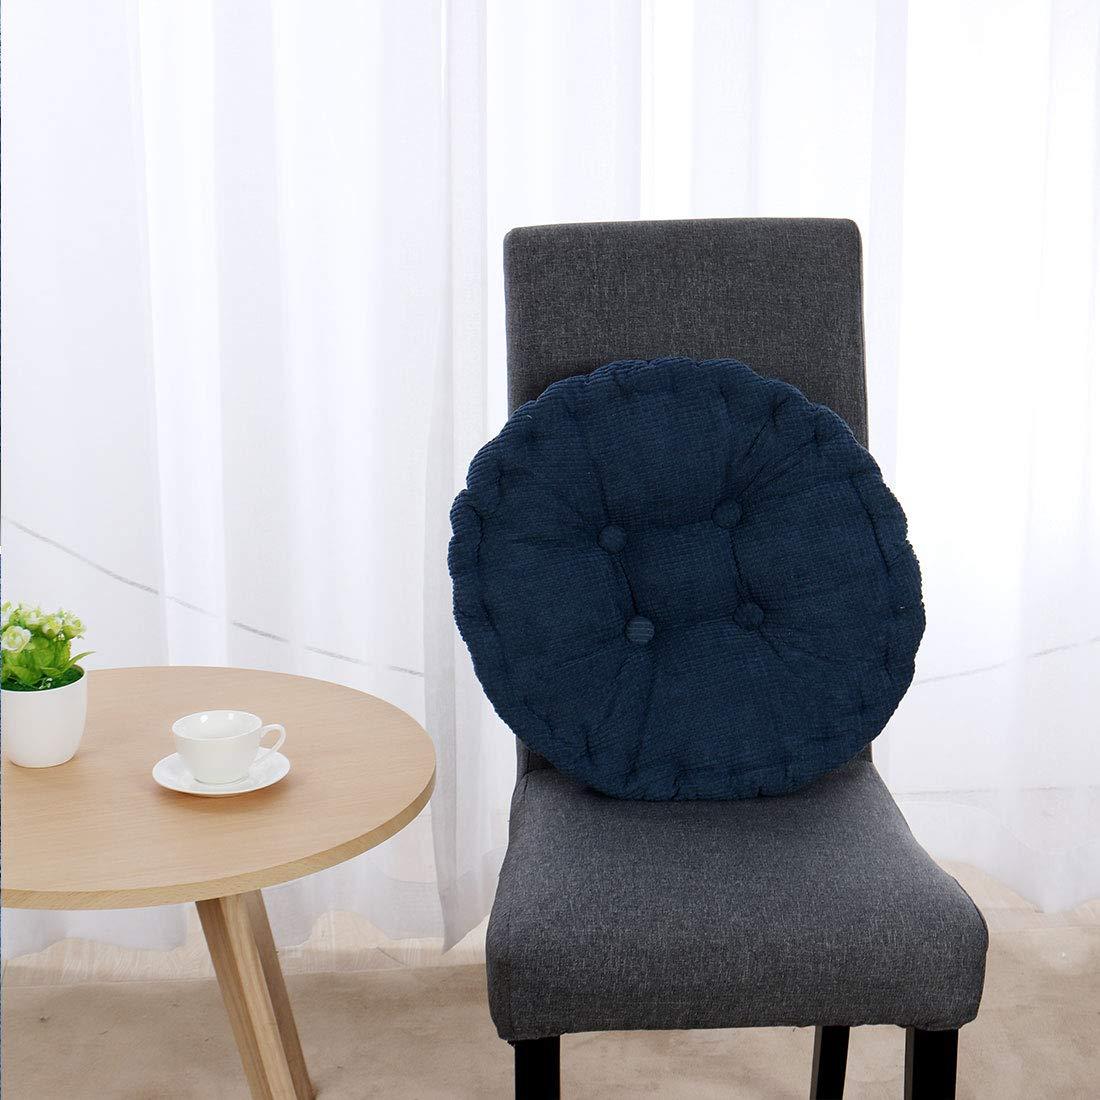 forma rotonda addensato sedia Sedile Cuscino Coperchio Tampone blu navy sourcingmap/® Famiglia velluti coste